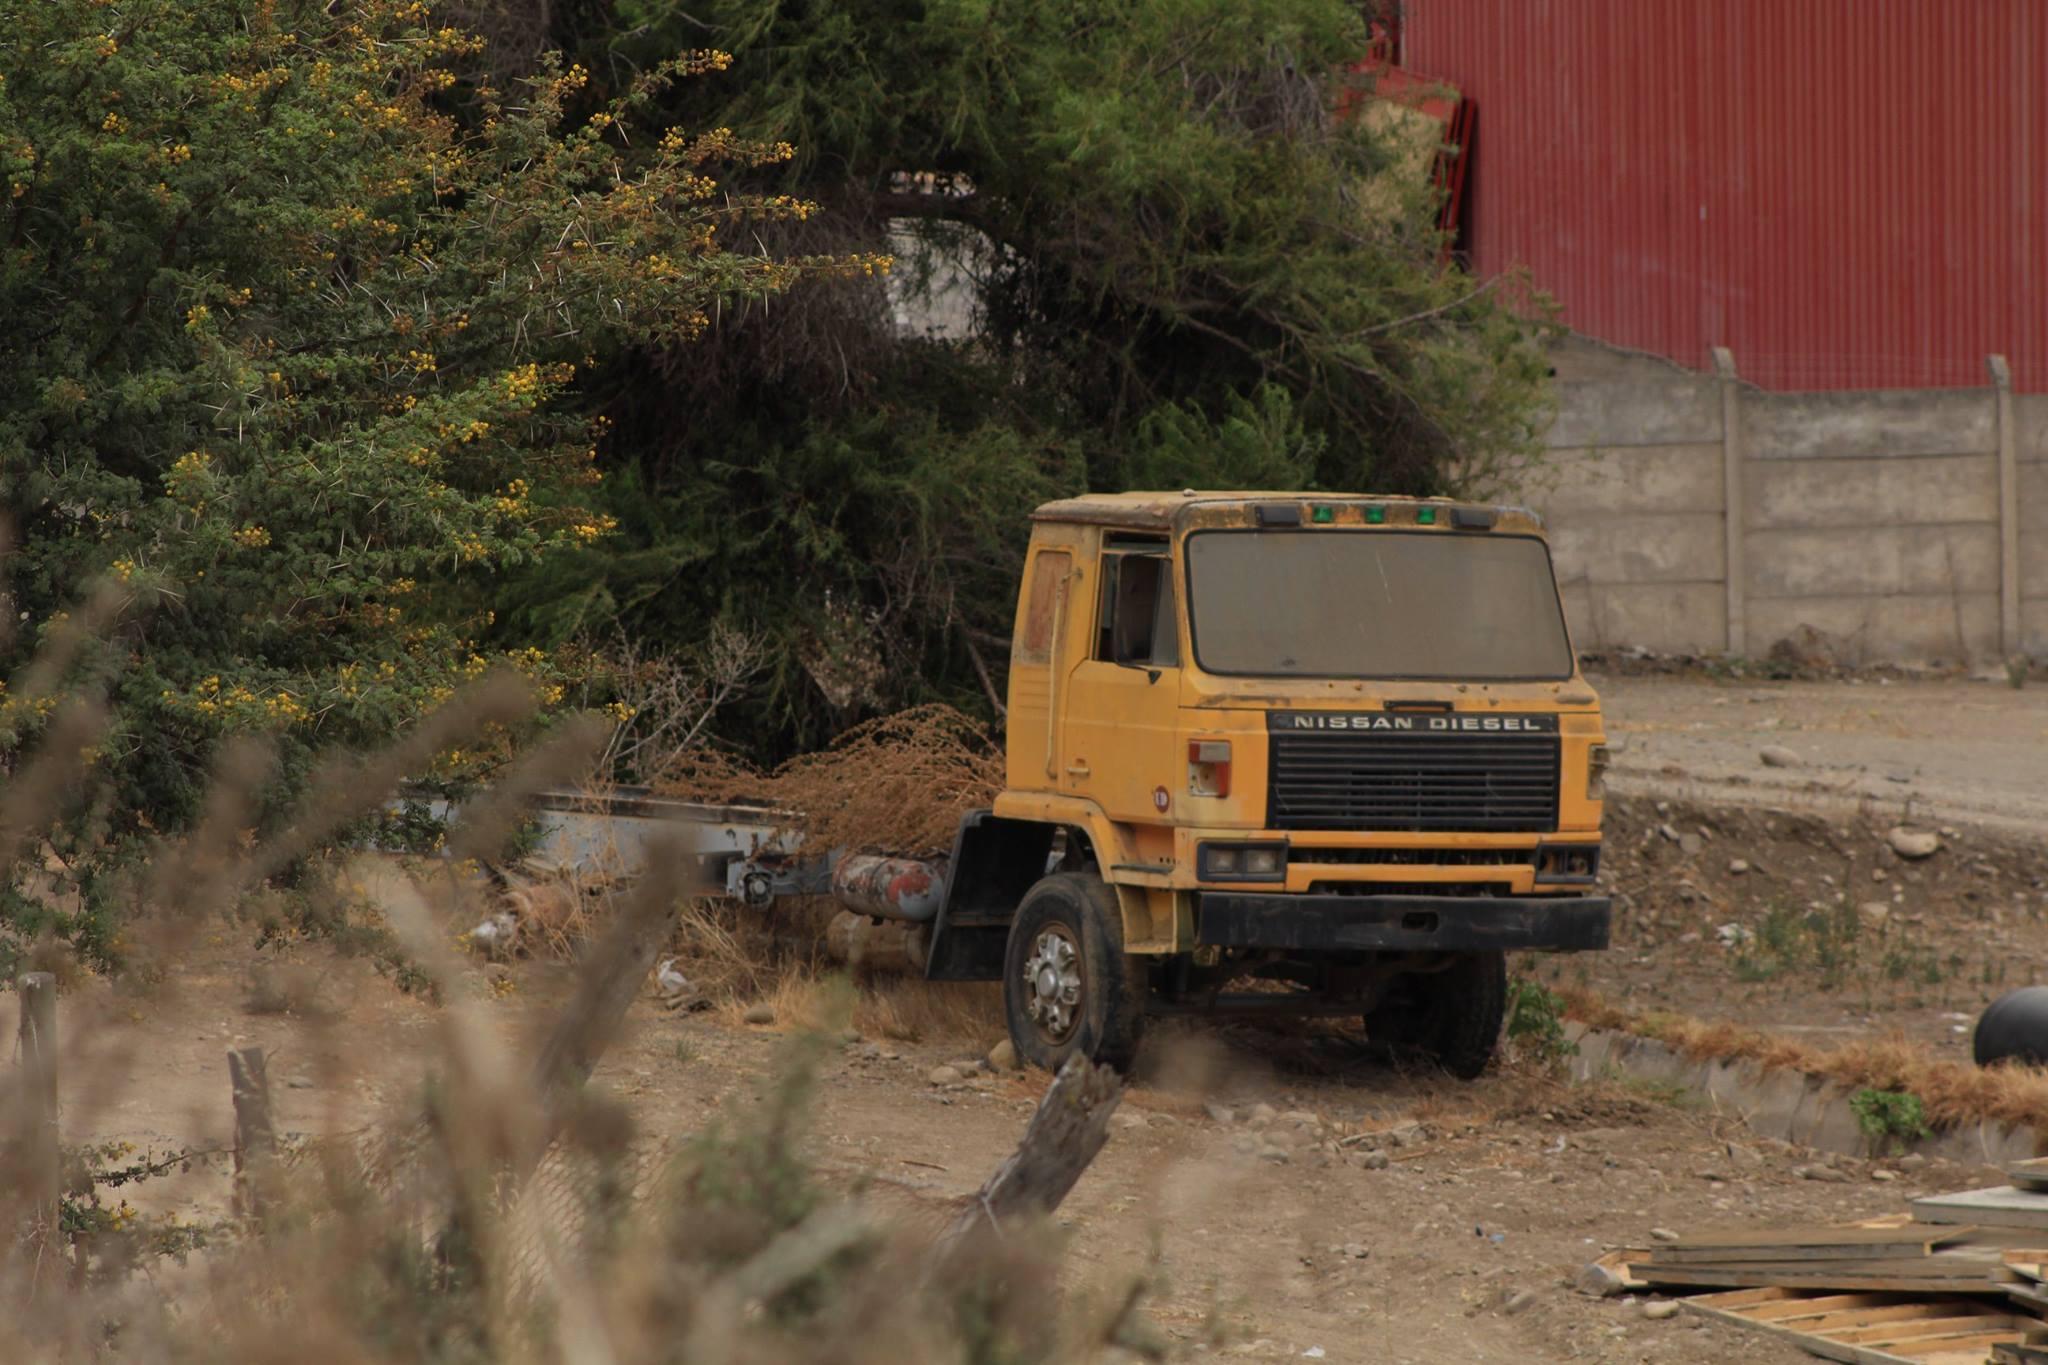 Camiones-vieja-escuela-olvidados-13